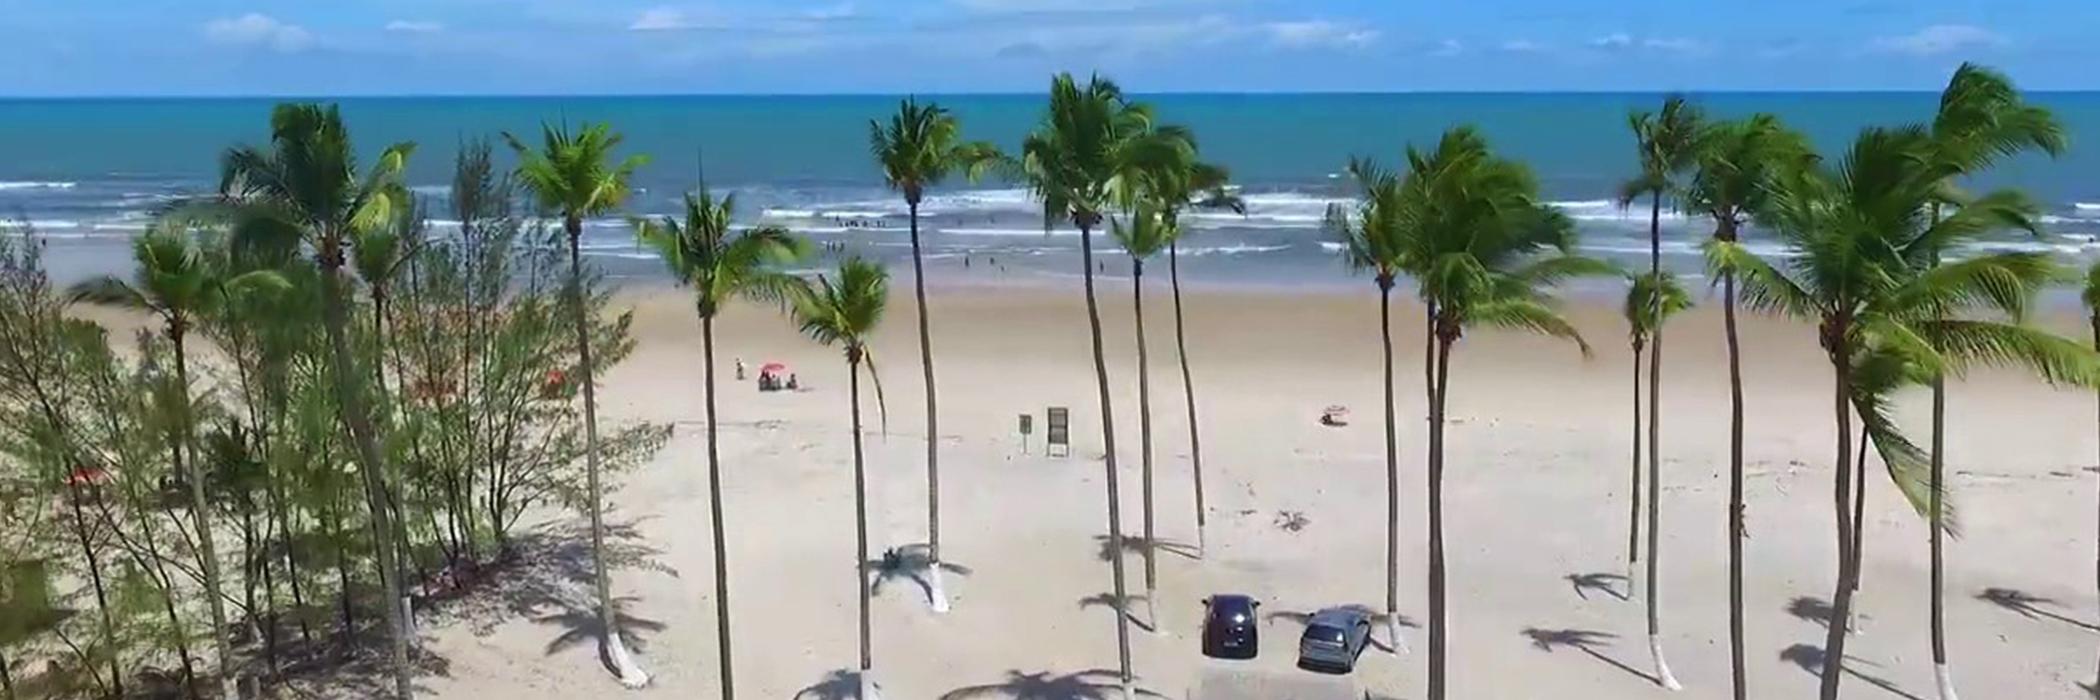 Destino Costa do Cacau - Bahia - BA ROTEIRO